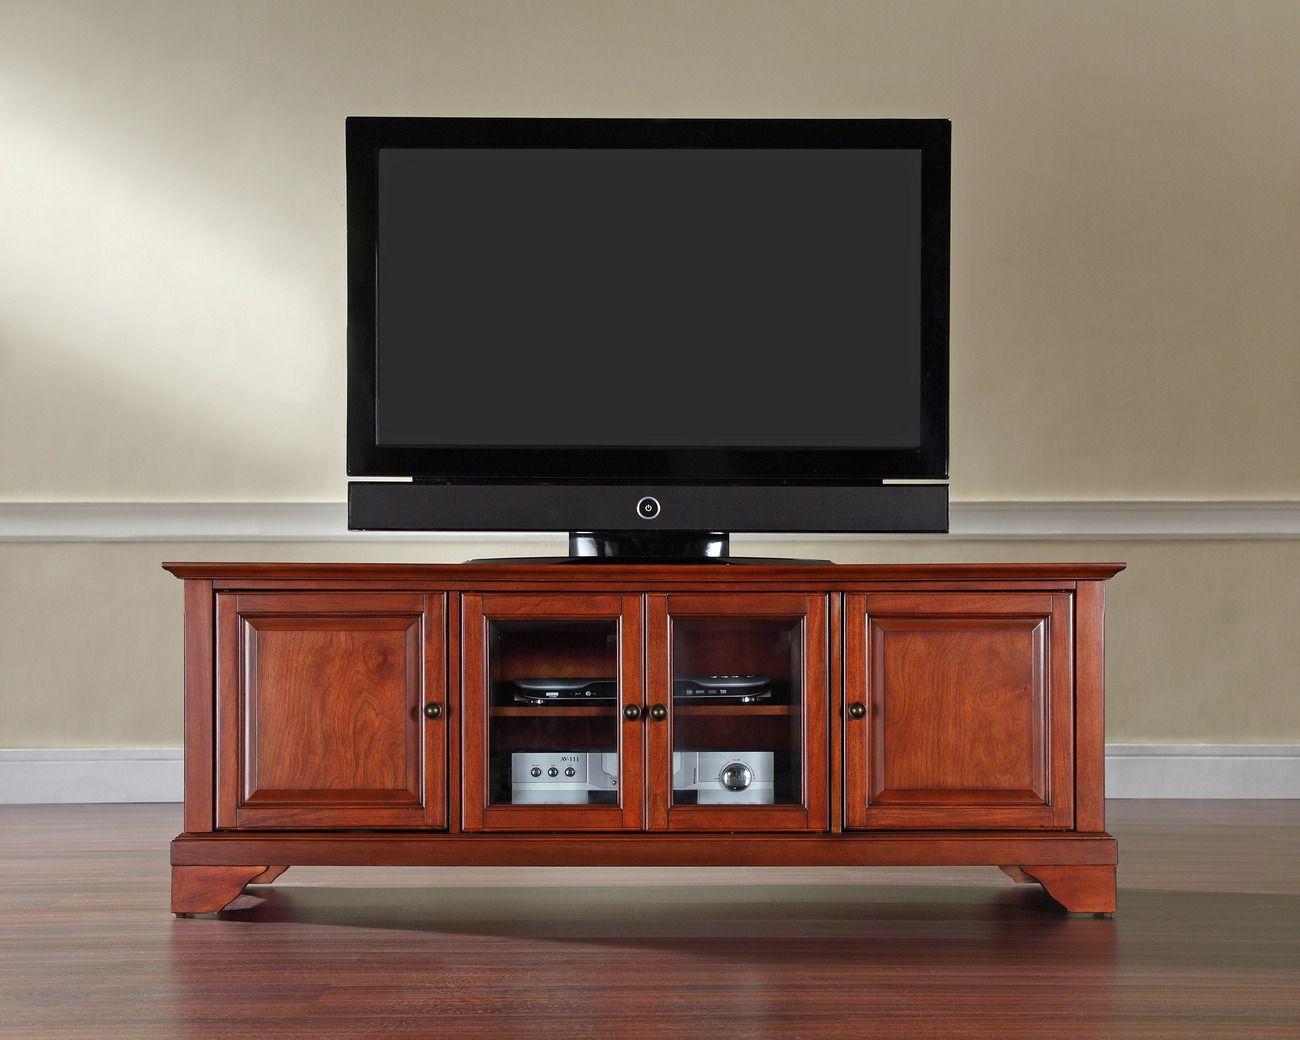 Lafayette 60 Low Profile Tv Stand In Classic Cherry Finish Crosley Kf10005bch Low Profile Tv Stand Tv Stand Crosley Furniture